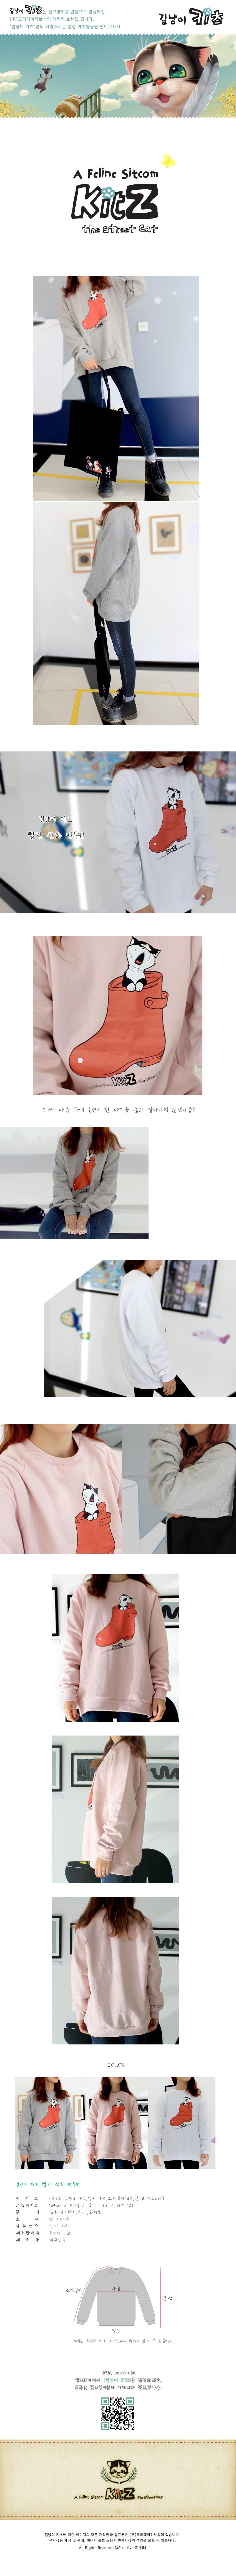 길냥이 키츠 빨간 장화 맨투맨 - 길냥이키츠, 39,000원, 스트릿패션, 긴팔티셔츠